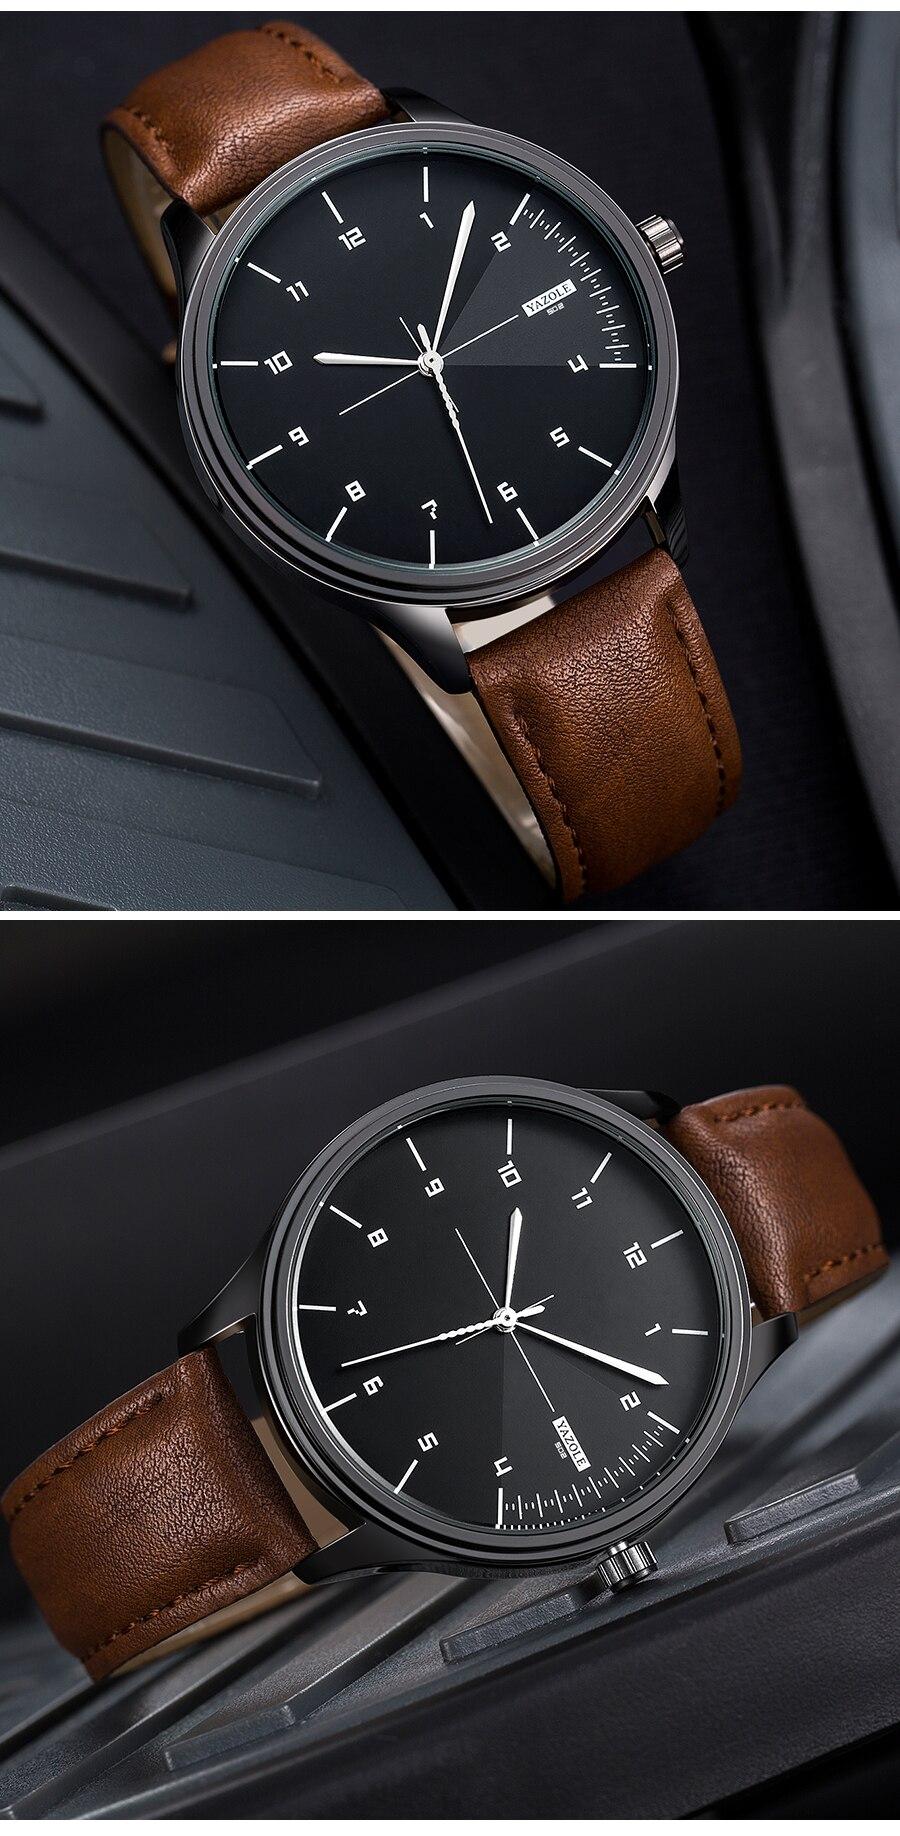 Ha2159dda14fa410d826cadb32df5e99ac Yazole Watch simple stylish business